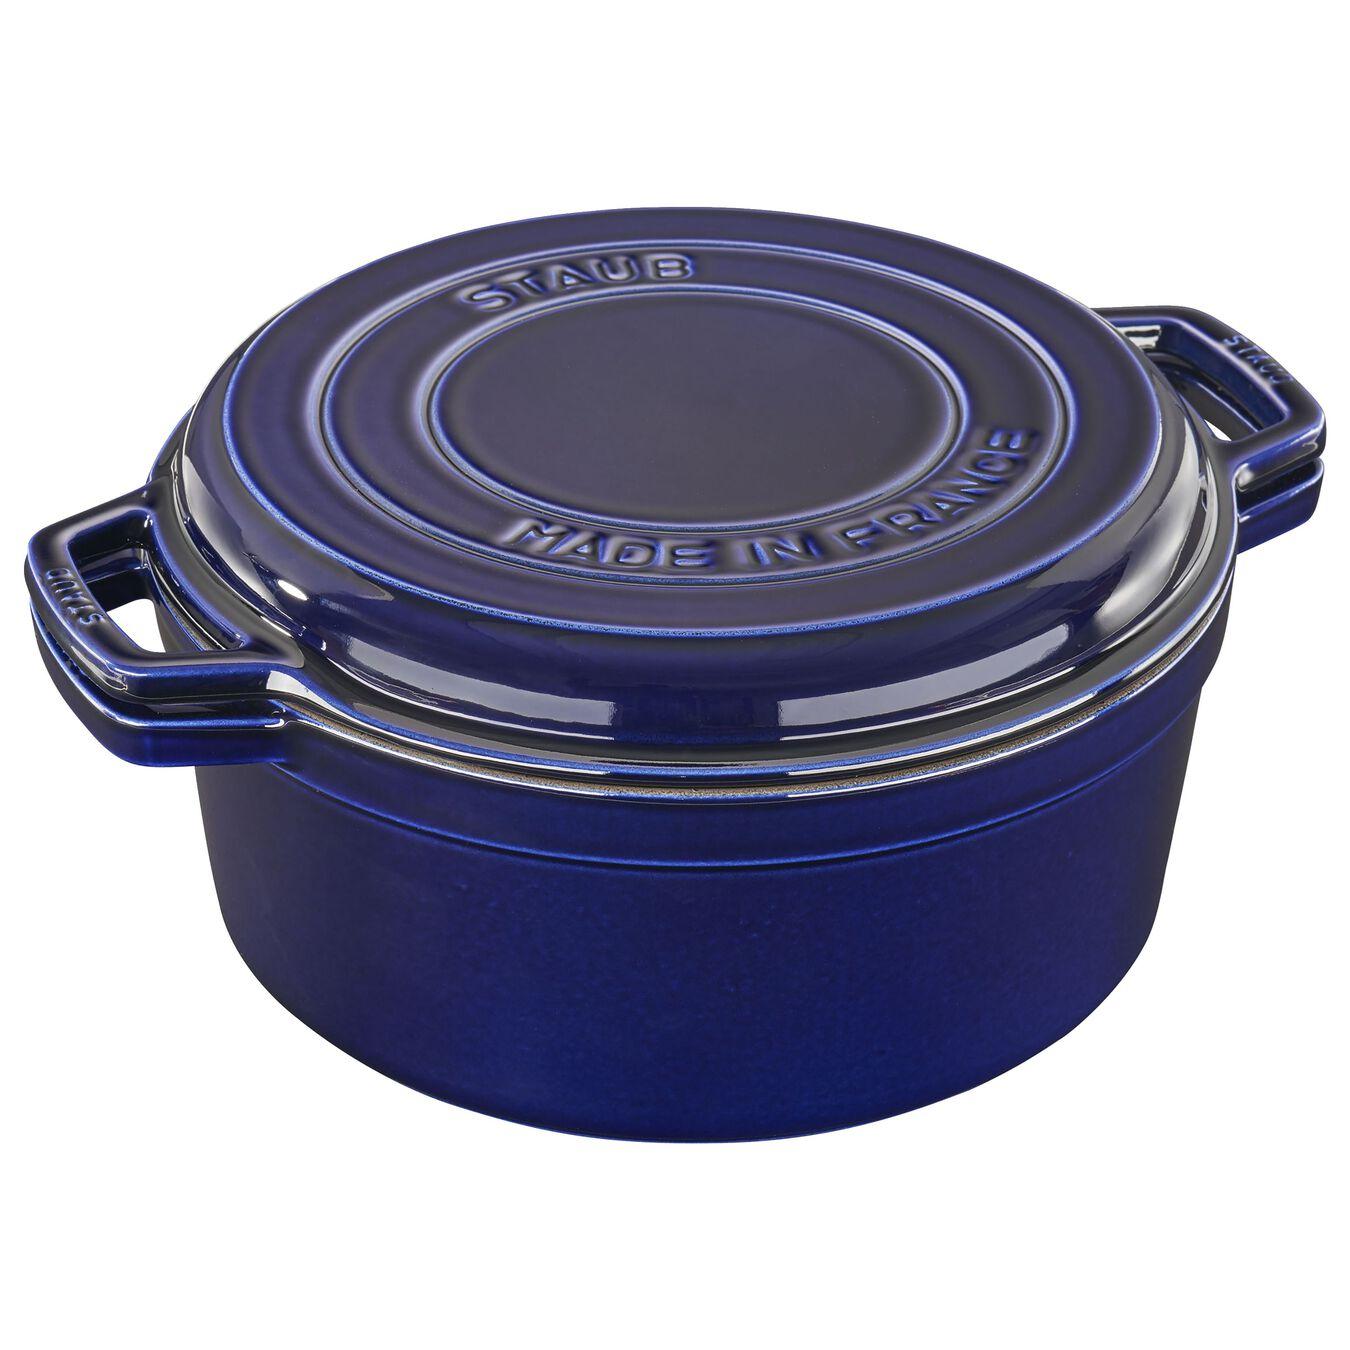 Cocotte et gril 28 cm, Bleu intense, Fonte,,large 1